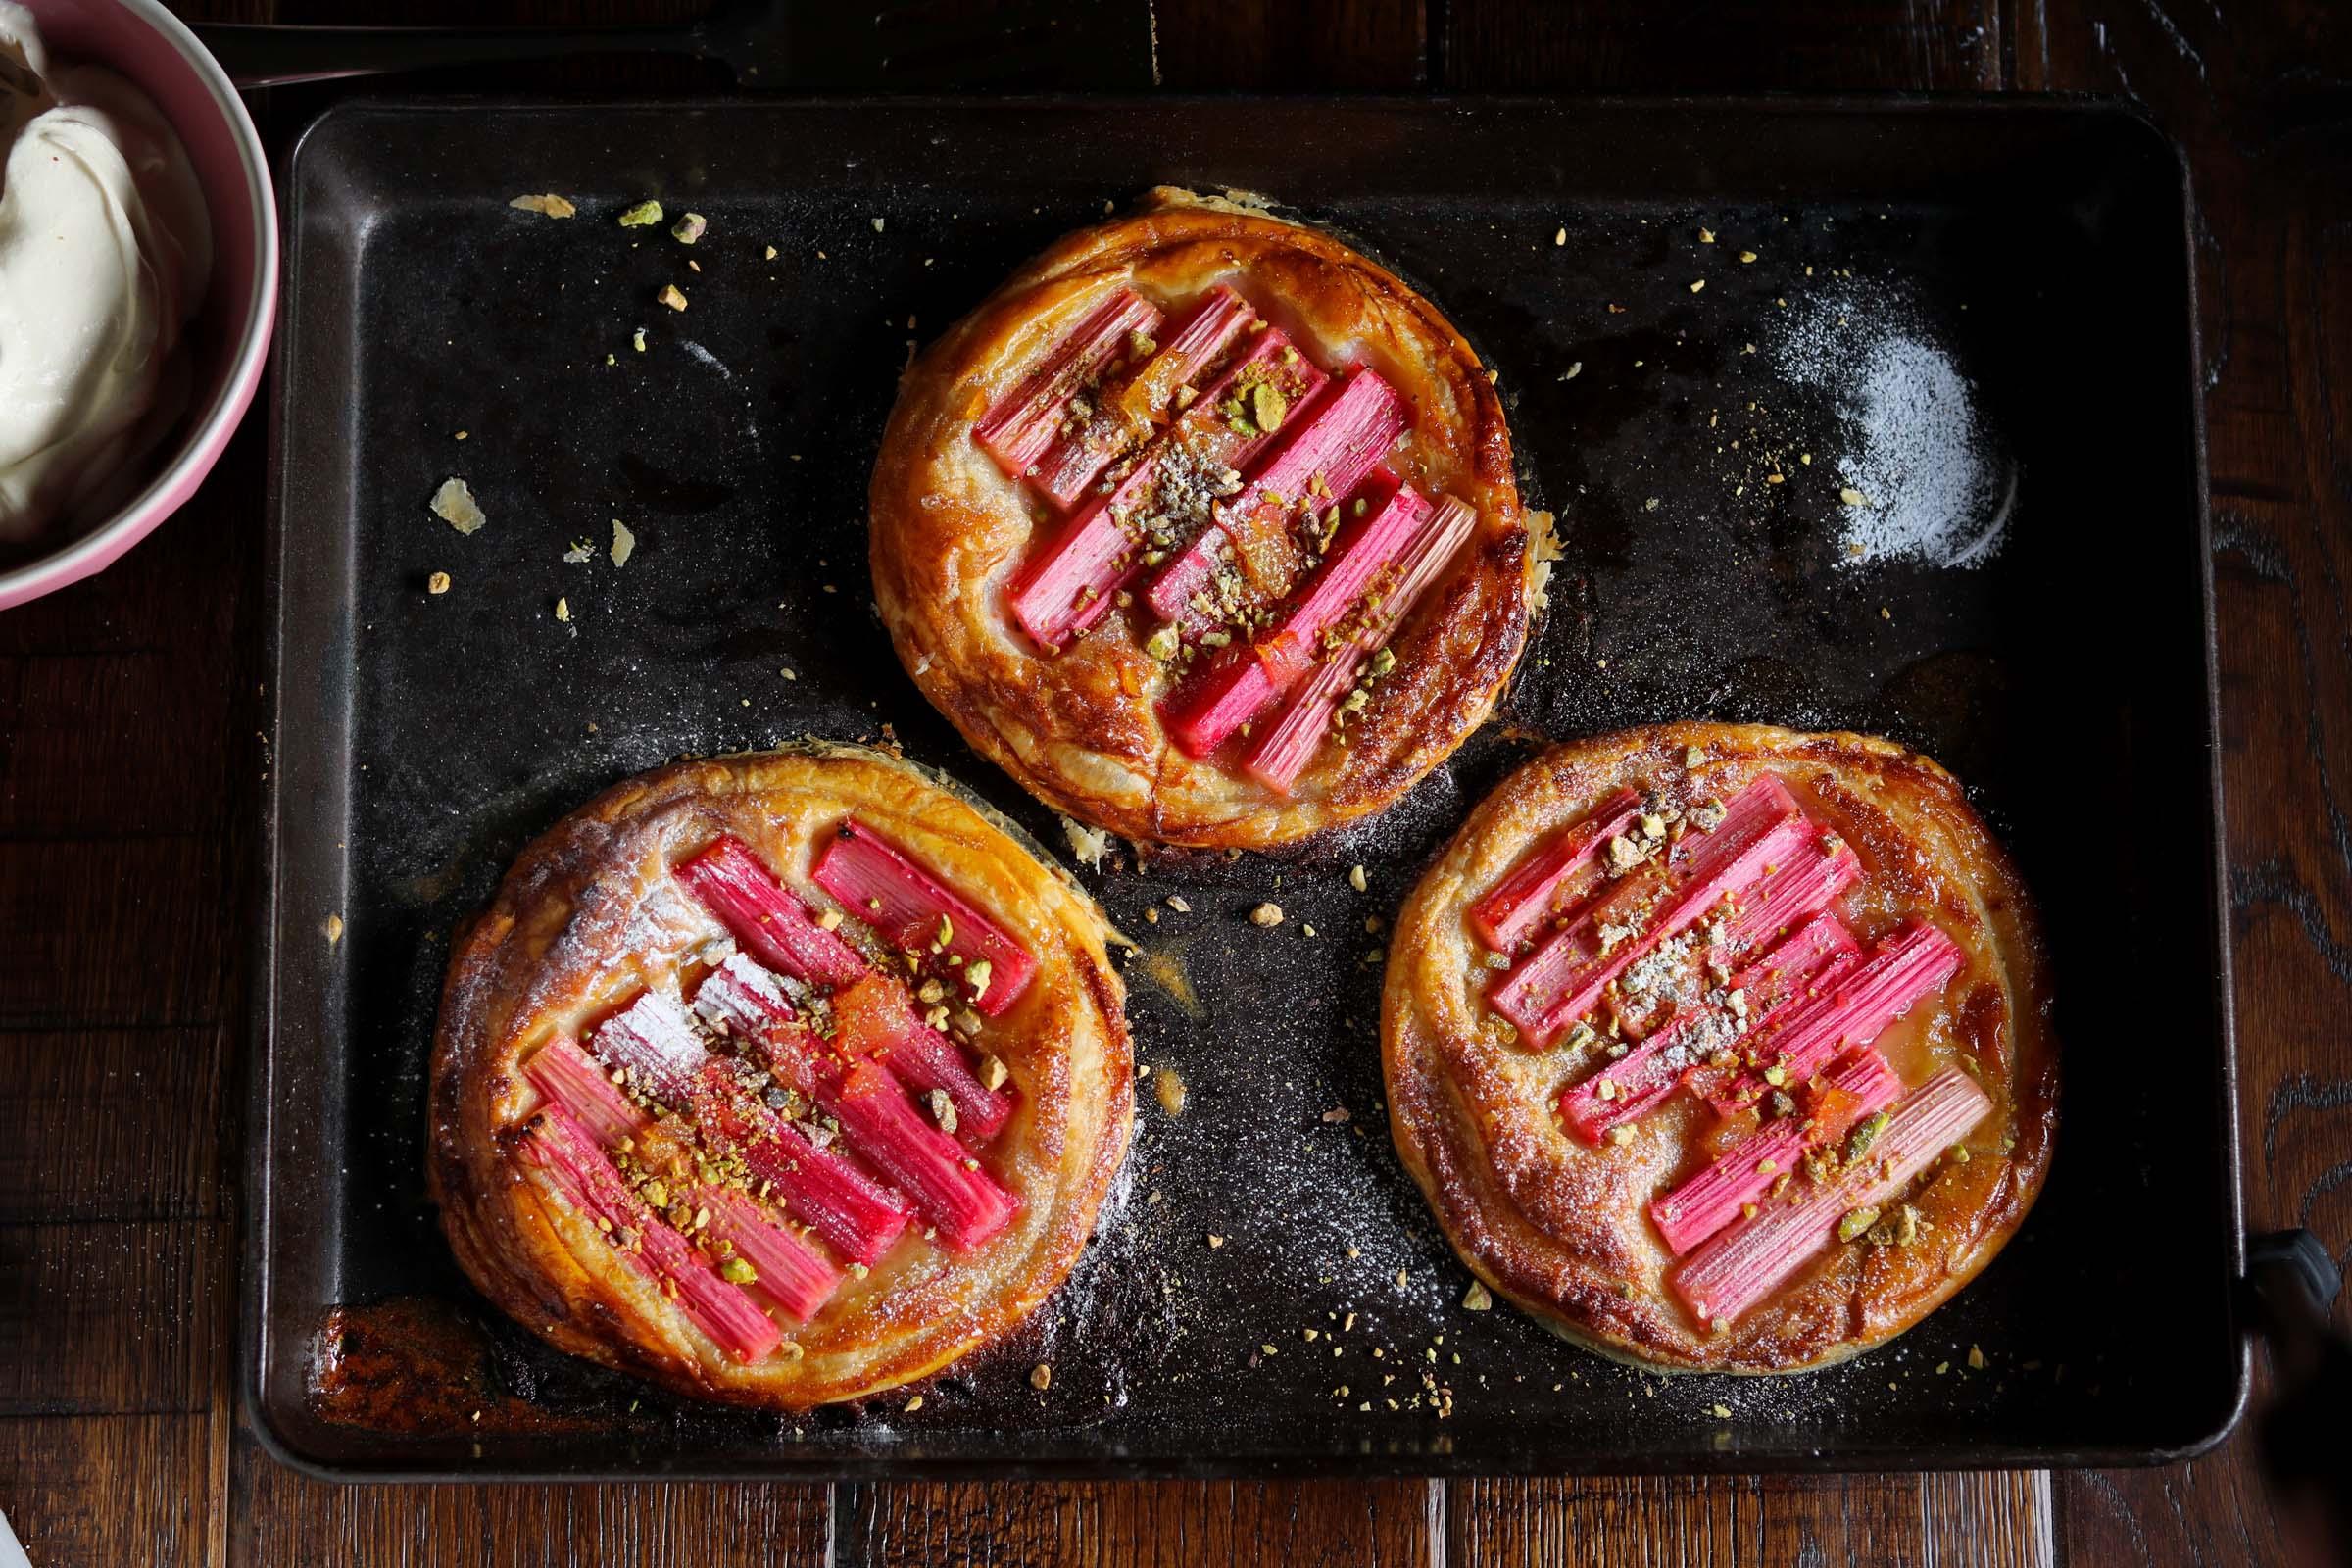 Rhubarb & Ginger Tartlets - www.thelastfoodblog.com